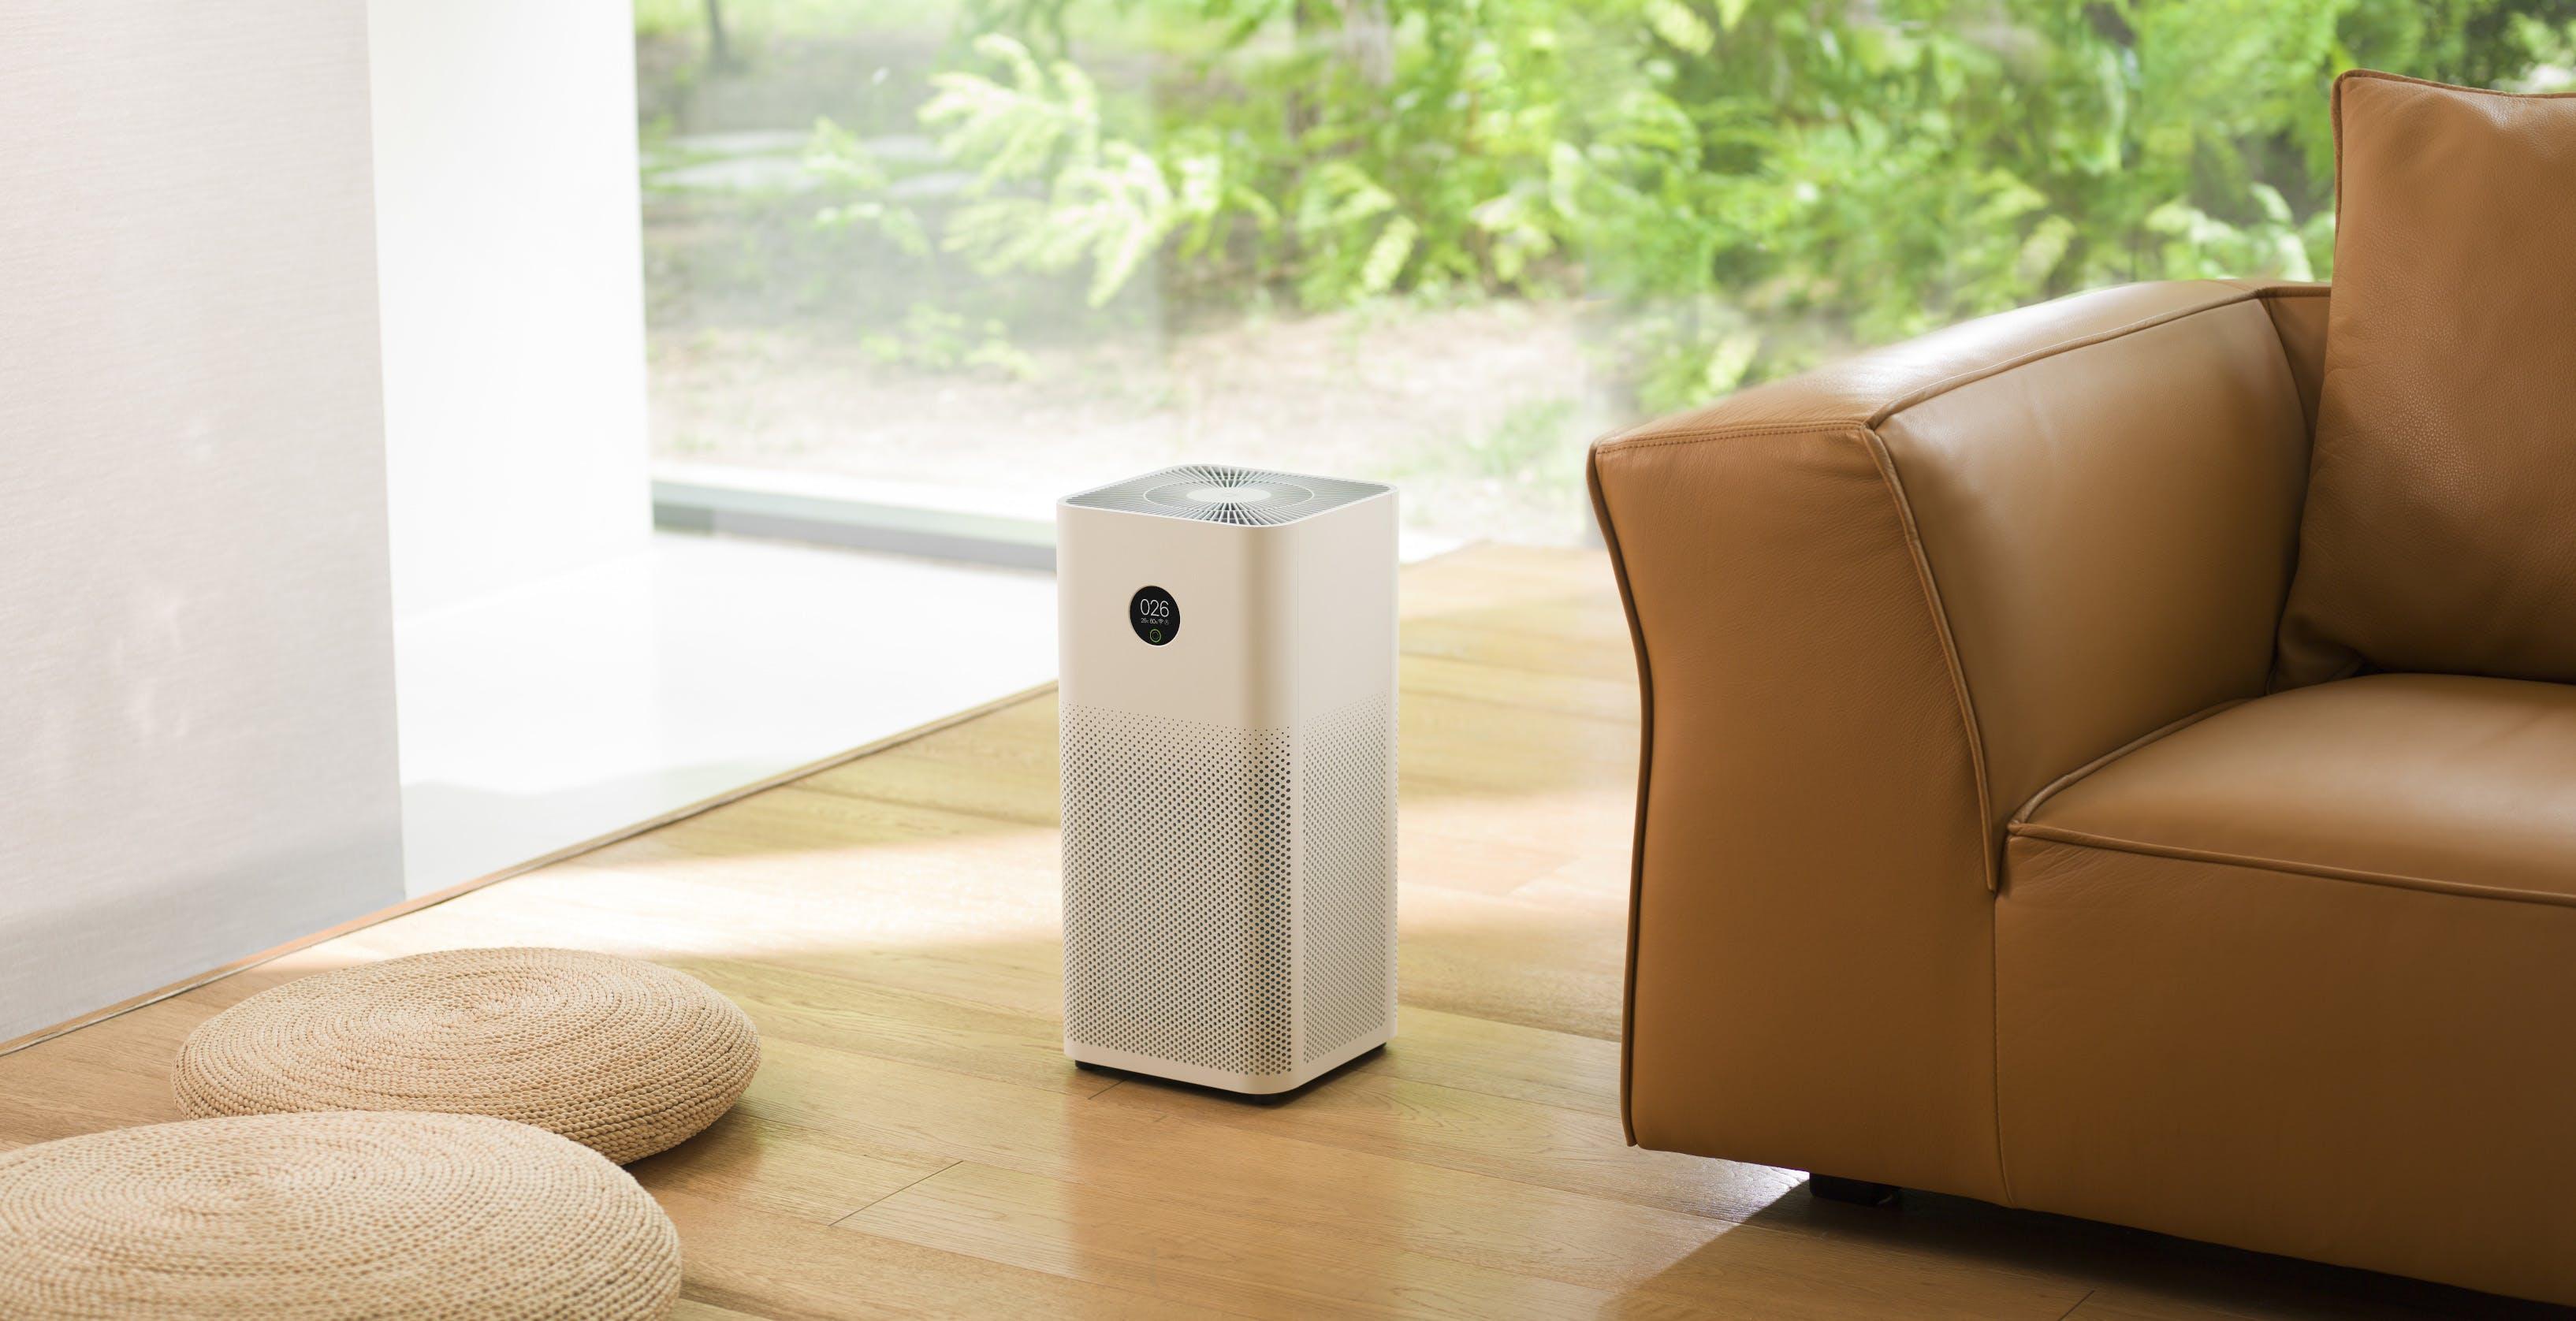 Ecco Xiaomi Air Purifier 3H, il purificatore d'aria che protegge da inquinamento e allergeni